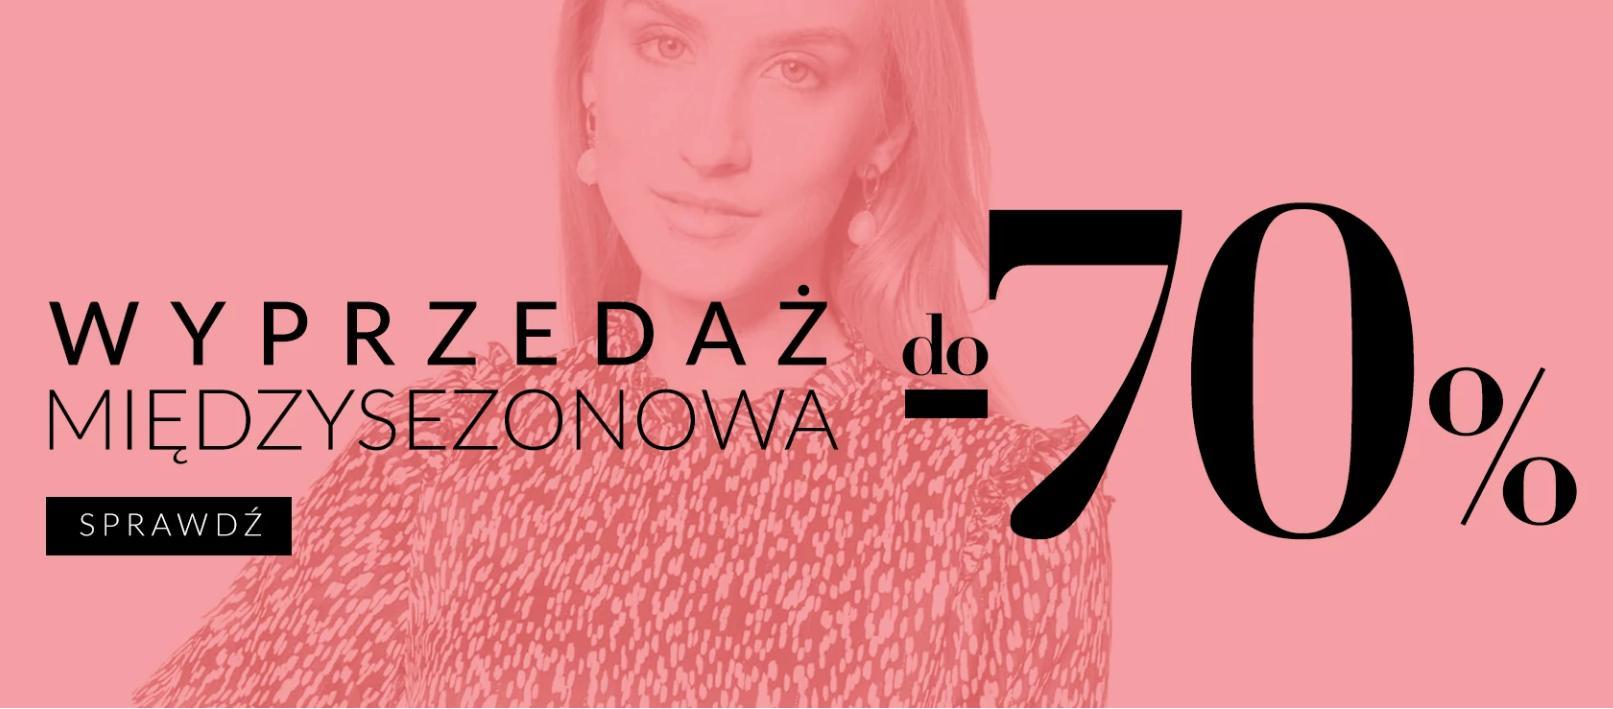 Quiosque: wyprzedaż do 70% rabatu na odzież damską